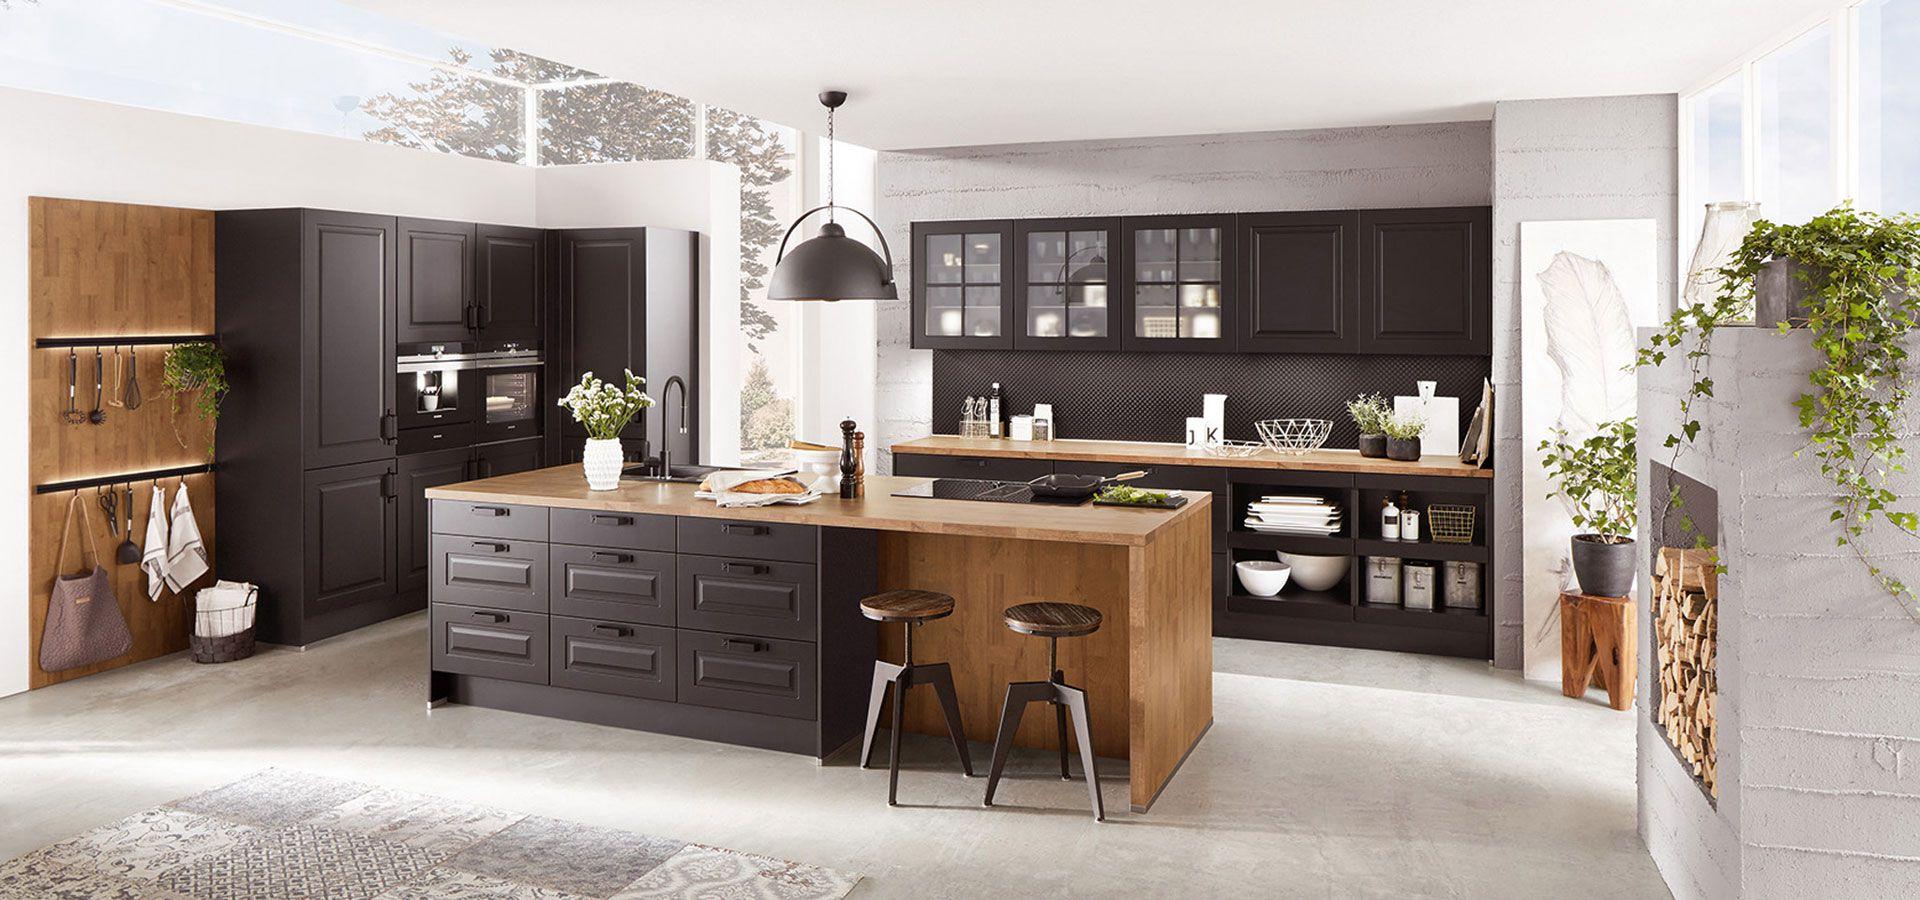 Ihr Küchenstudio aus Alsdorf - Kellersberg - Alsdorfer Küchenwelt